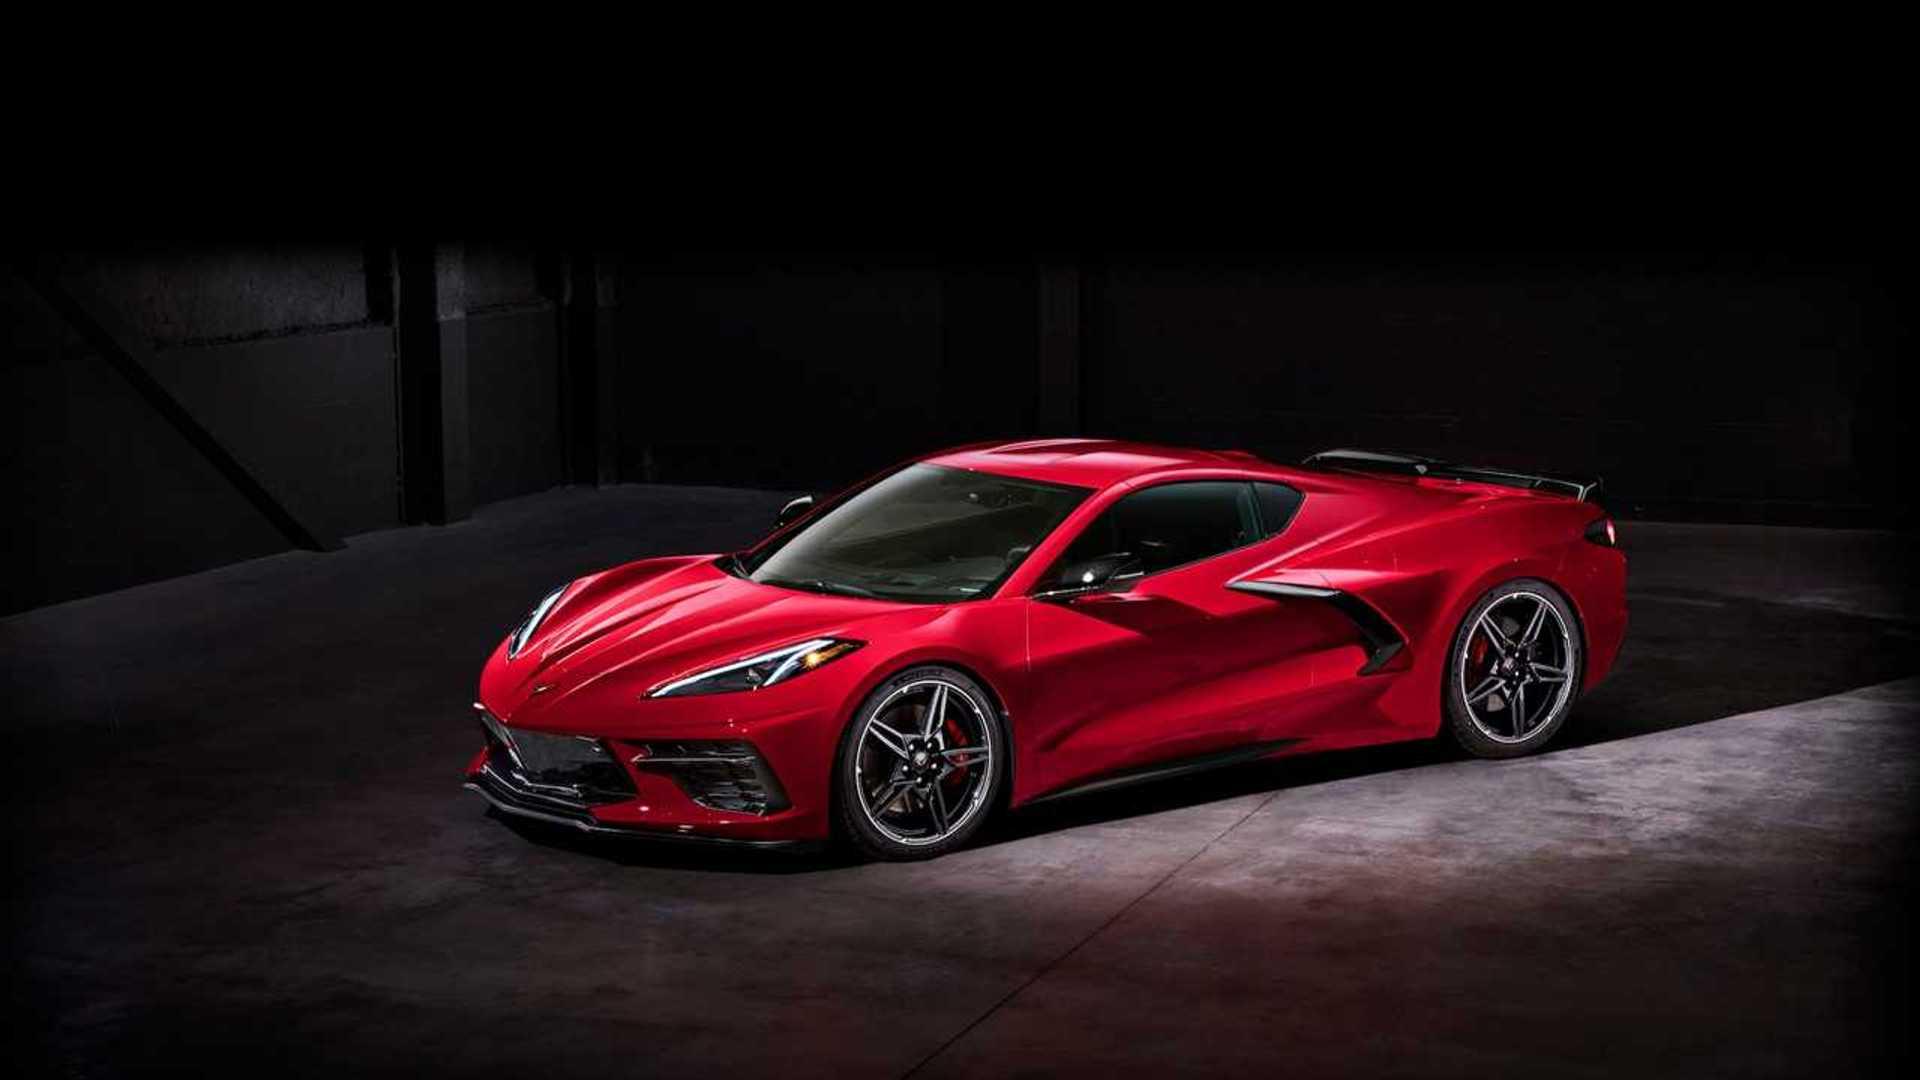 [Resim: 2020-chevrolet-corvette-stingray.jpg]